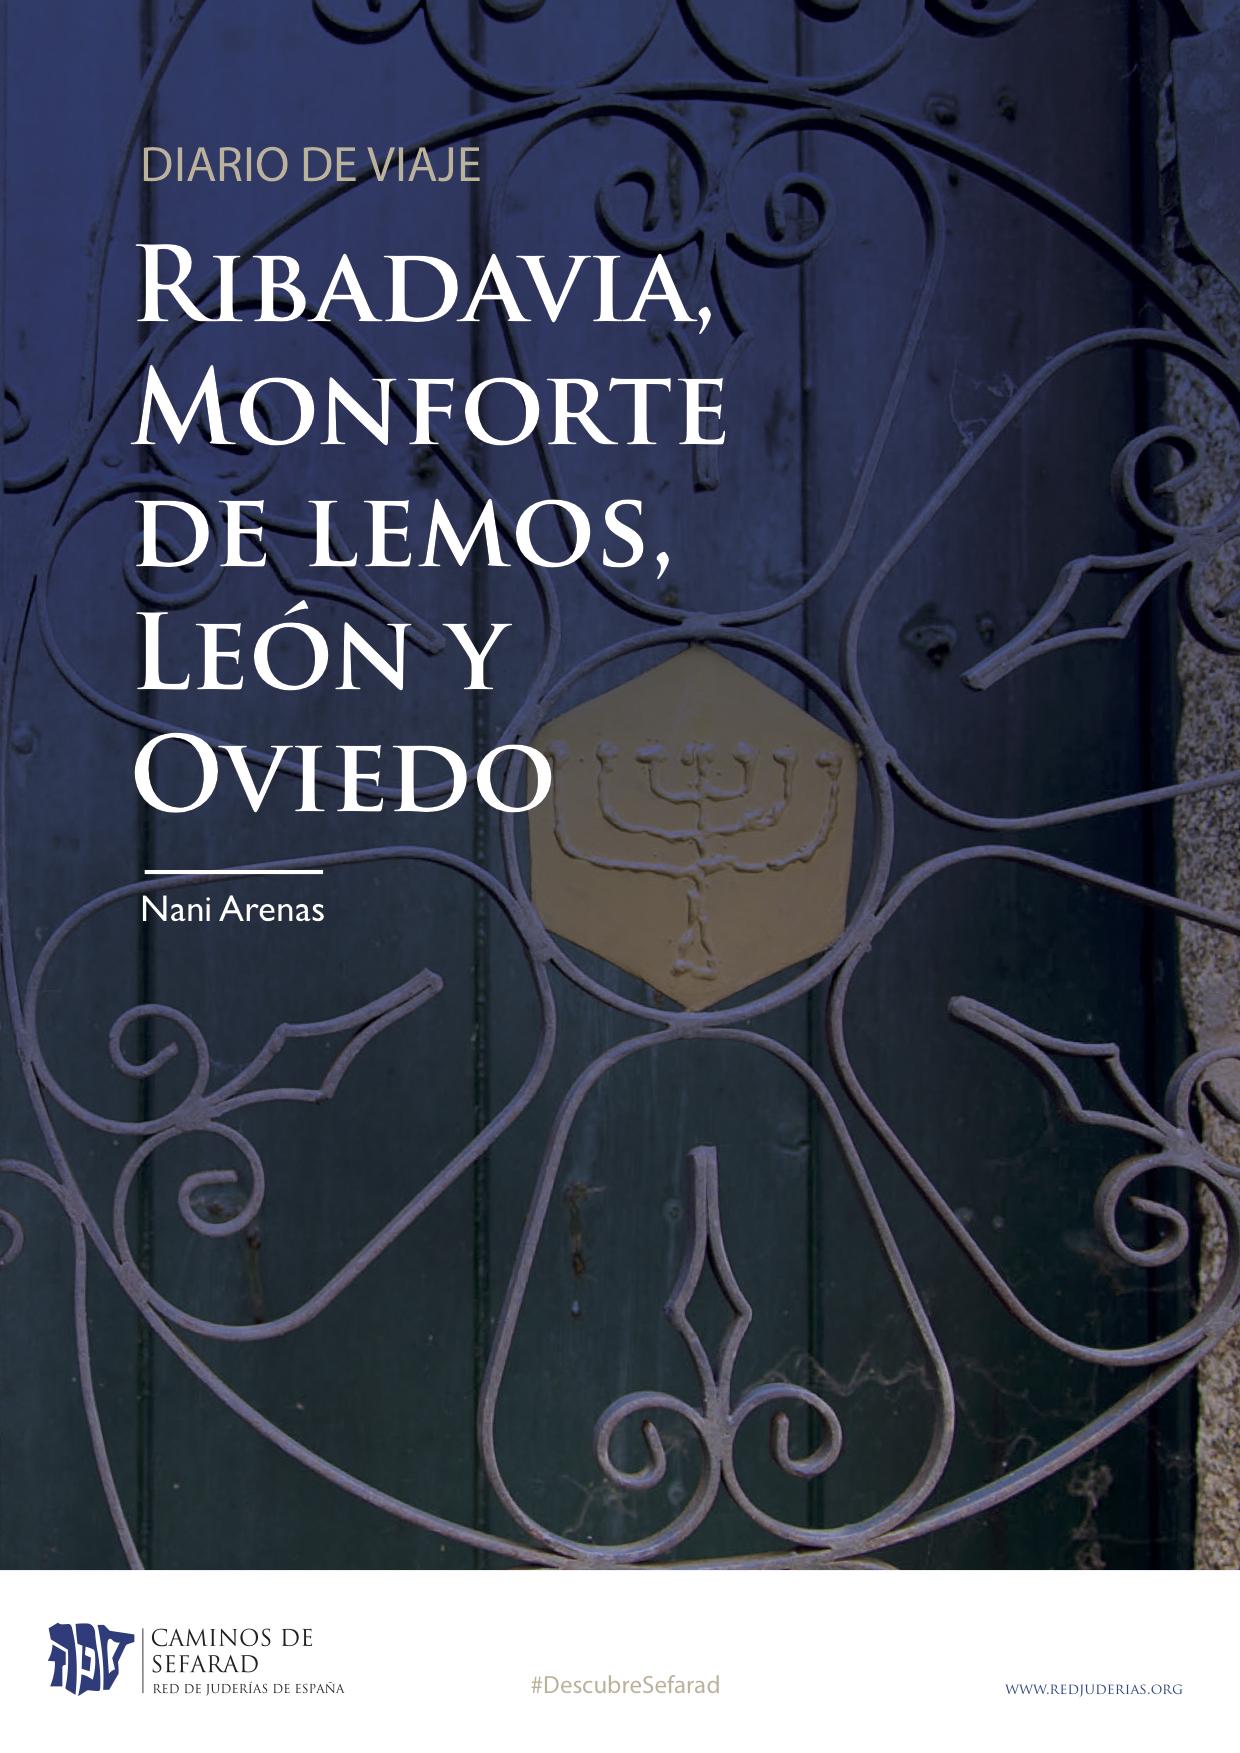 DIARIO DE VIAJE-LAS JUDERIAS DE RIBADAVIA-MONFORTE-LEON-OVIEDO-DESCUBRE SEFARAD-NANI ARENAS